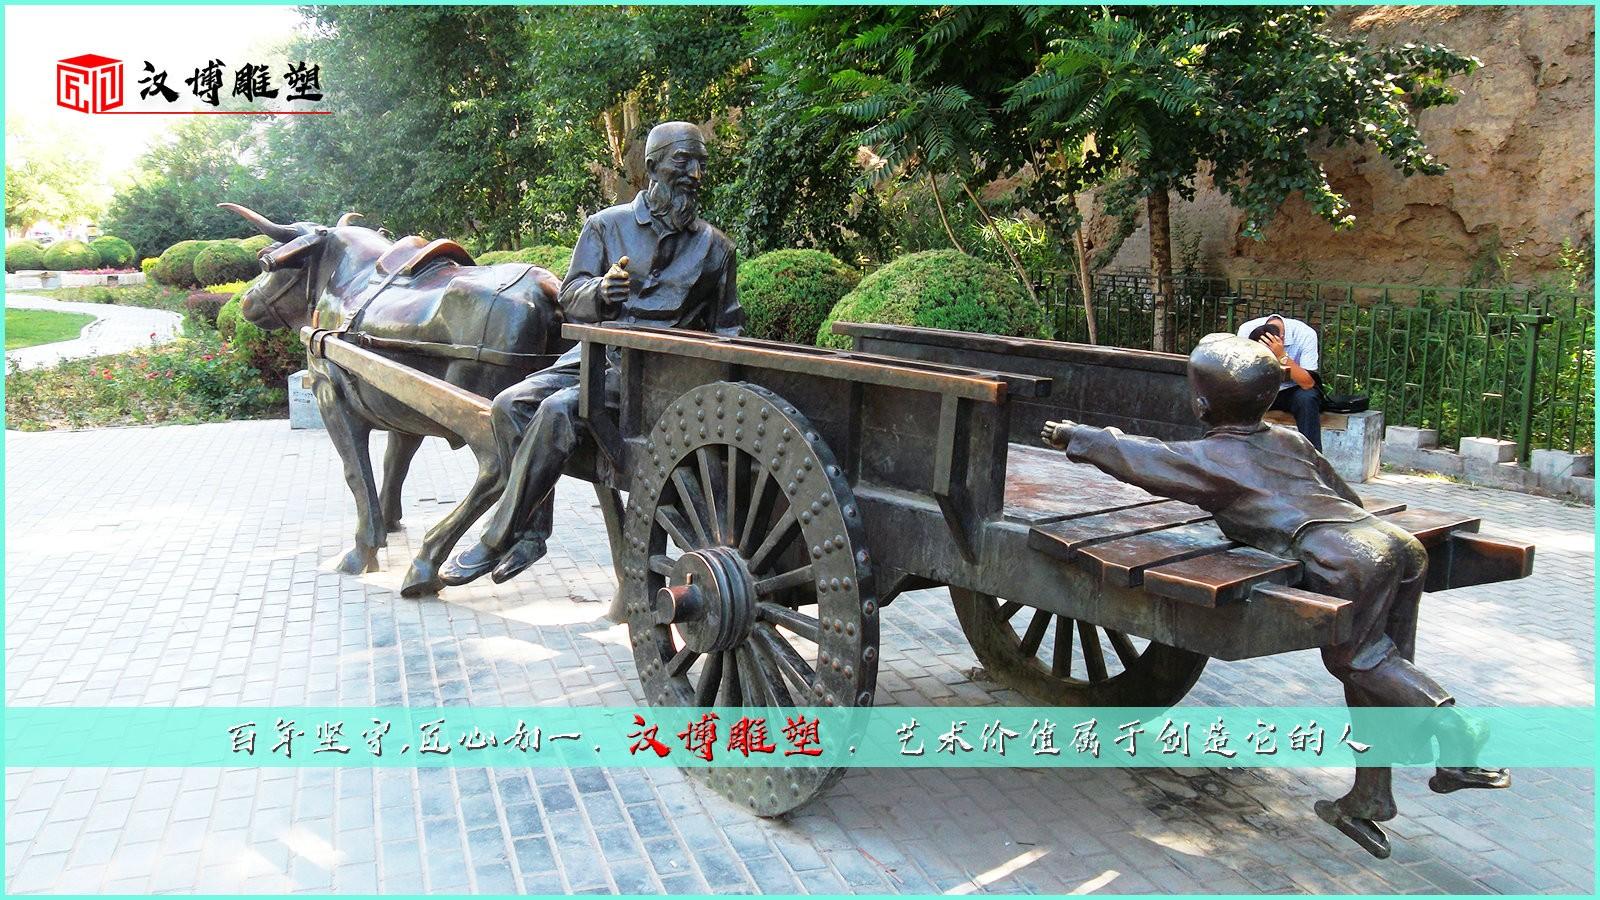 牛艺术雕像,用自己的生命耕耘出灿烂的中华文明